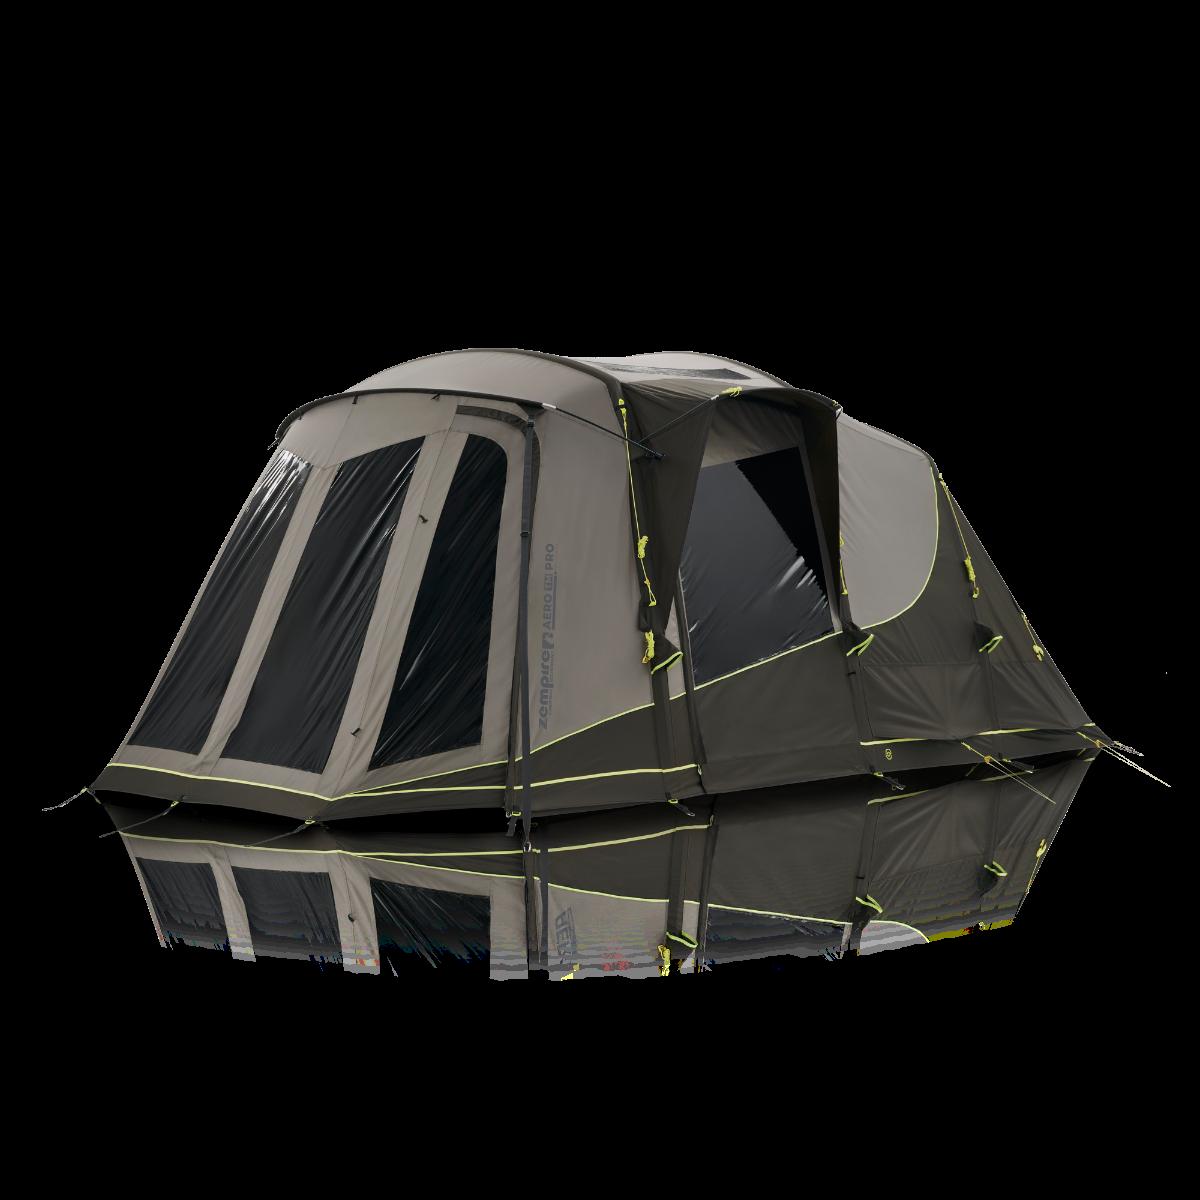 Aero Tm Pro 9